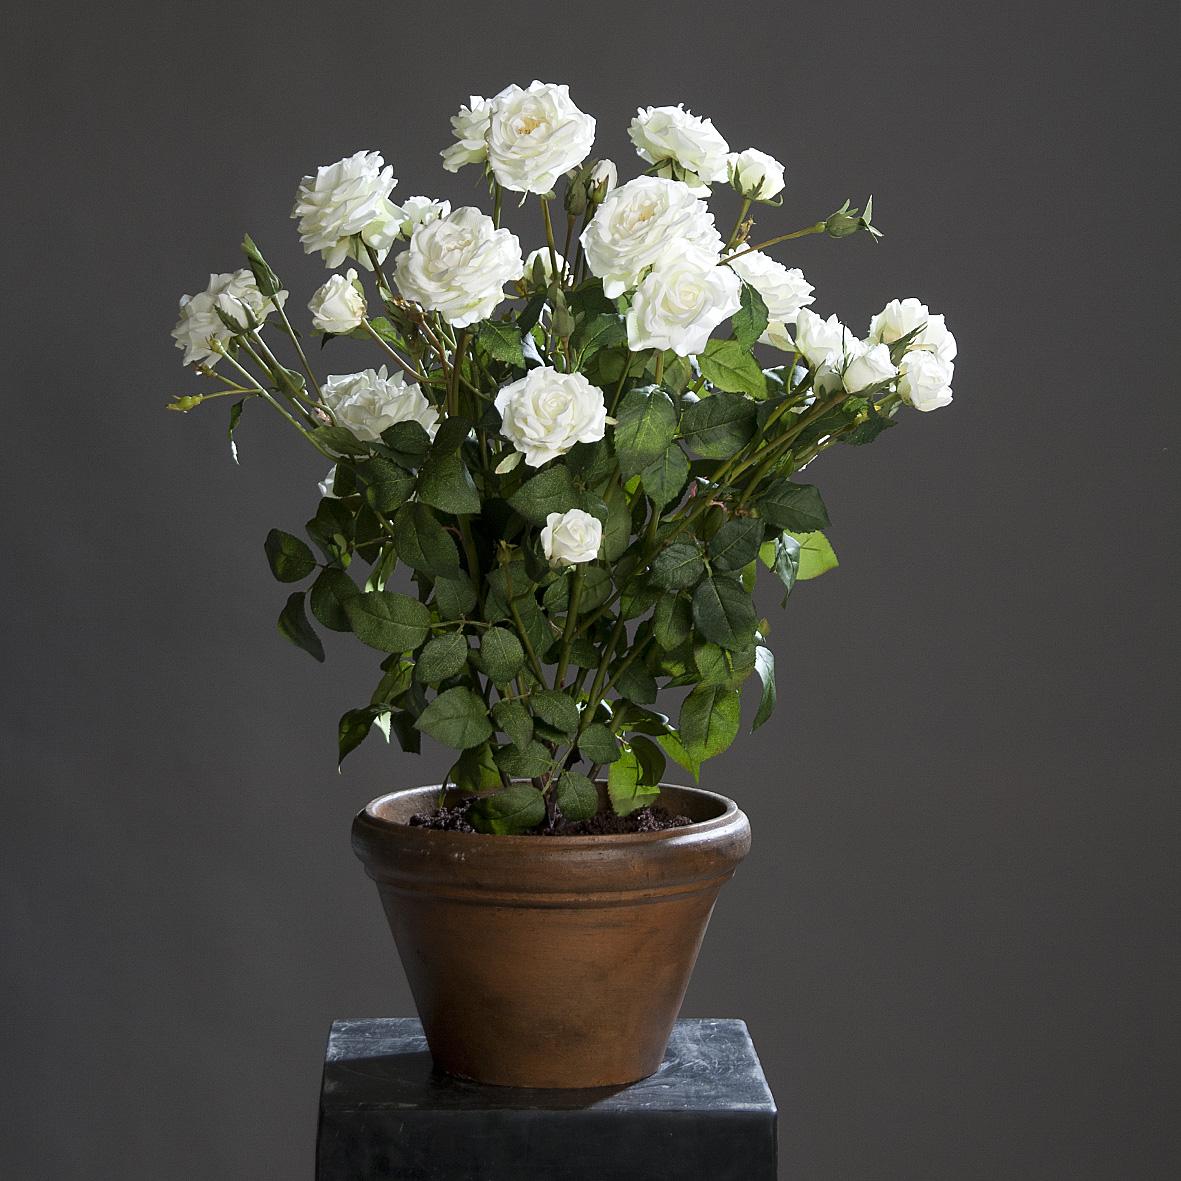 Комнатная роза в керамическом горшке